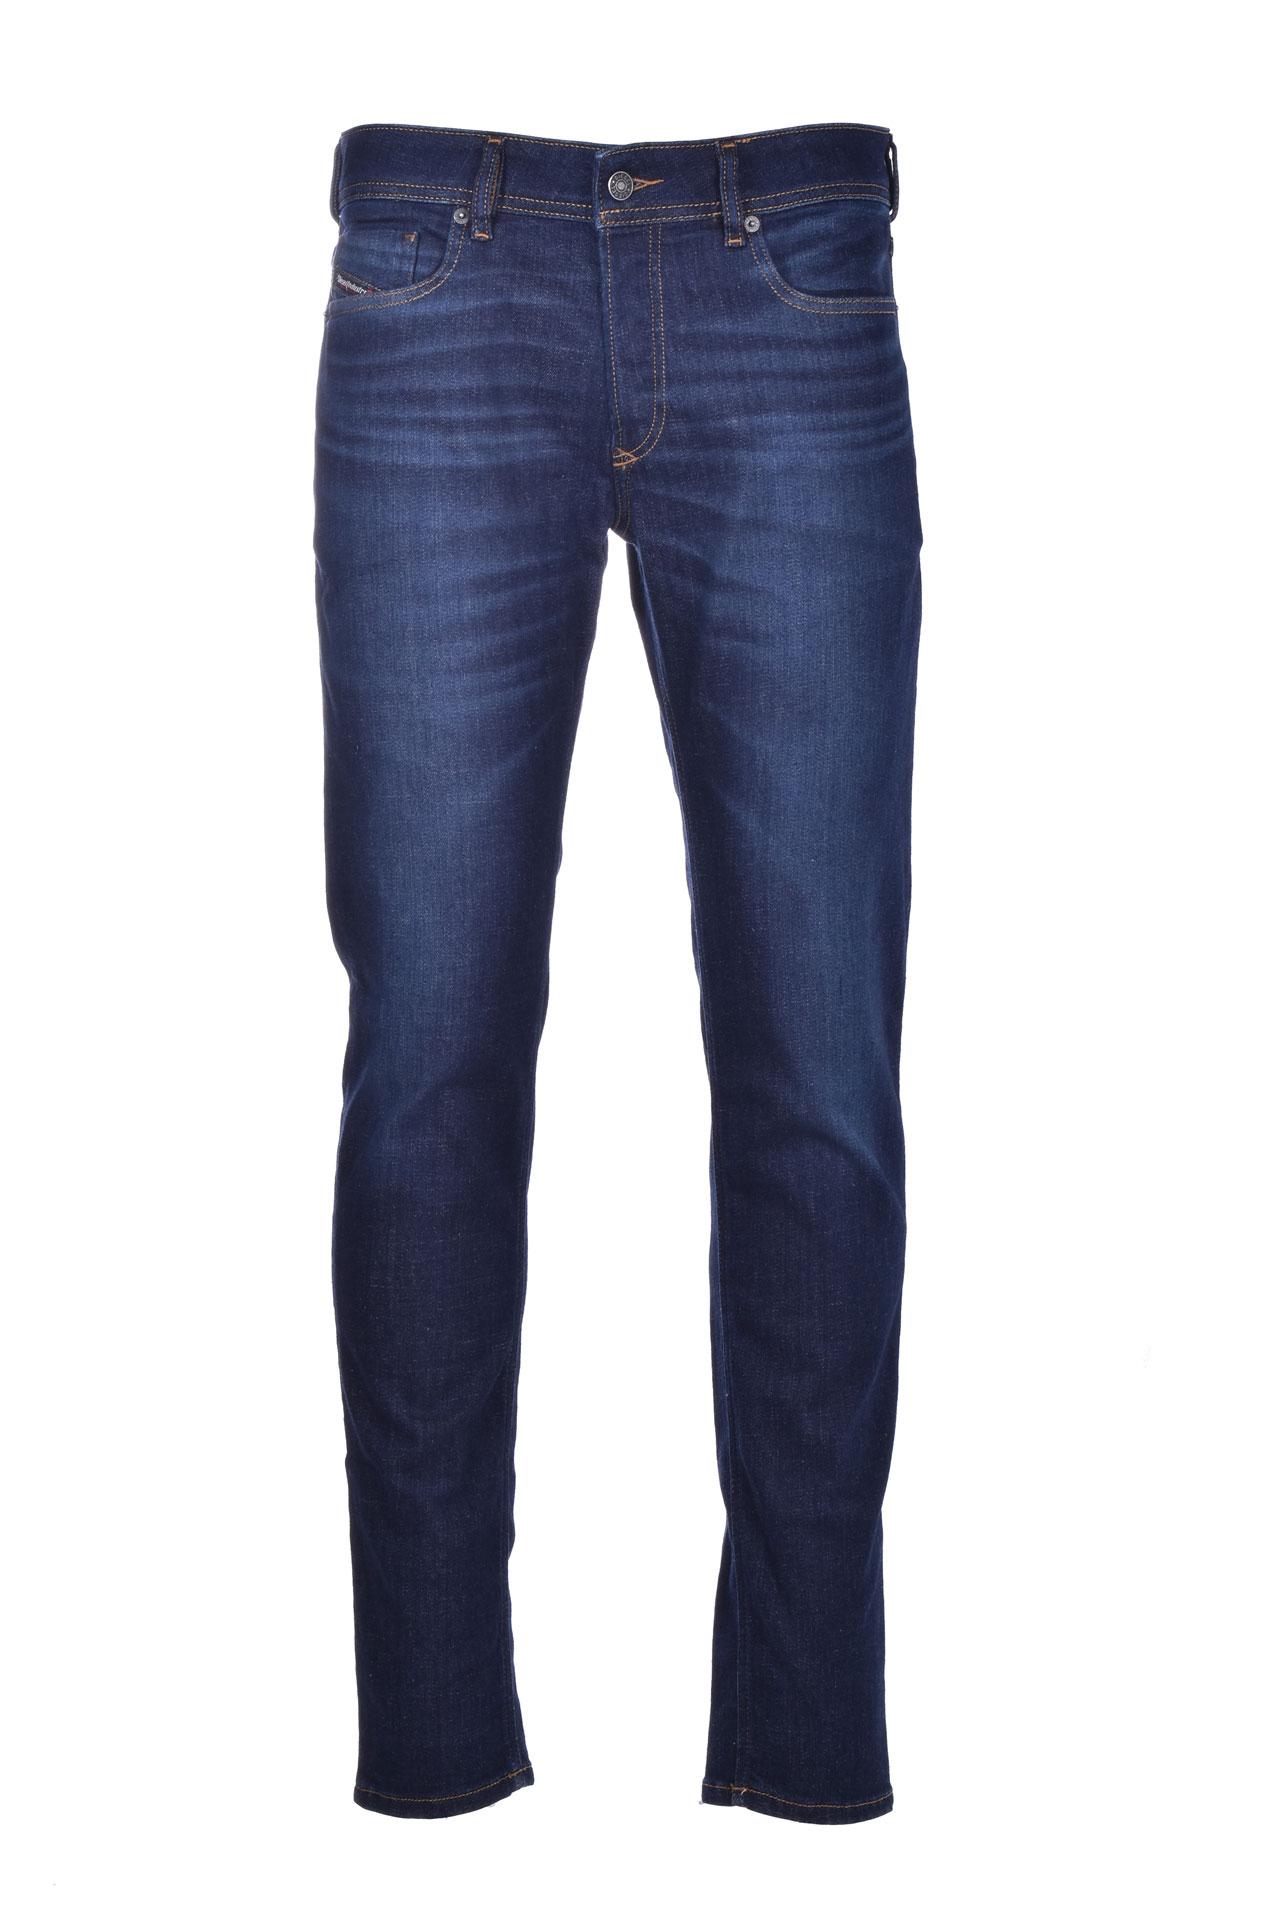 Dark blue shaded Skinny sleenker jeans DIESEL | Jeans | 00SWJE 009DI01